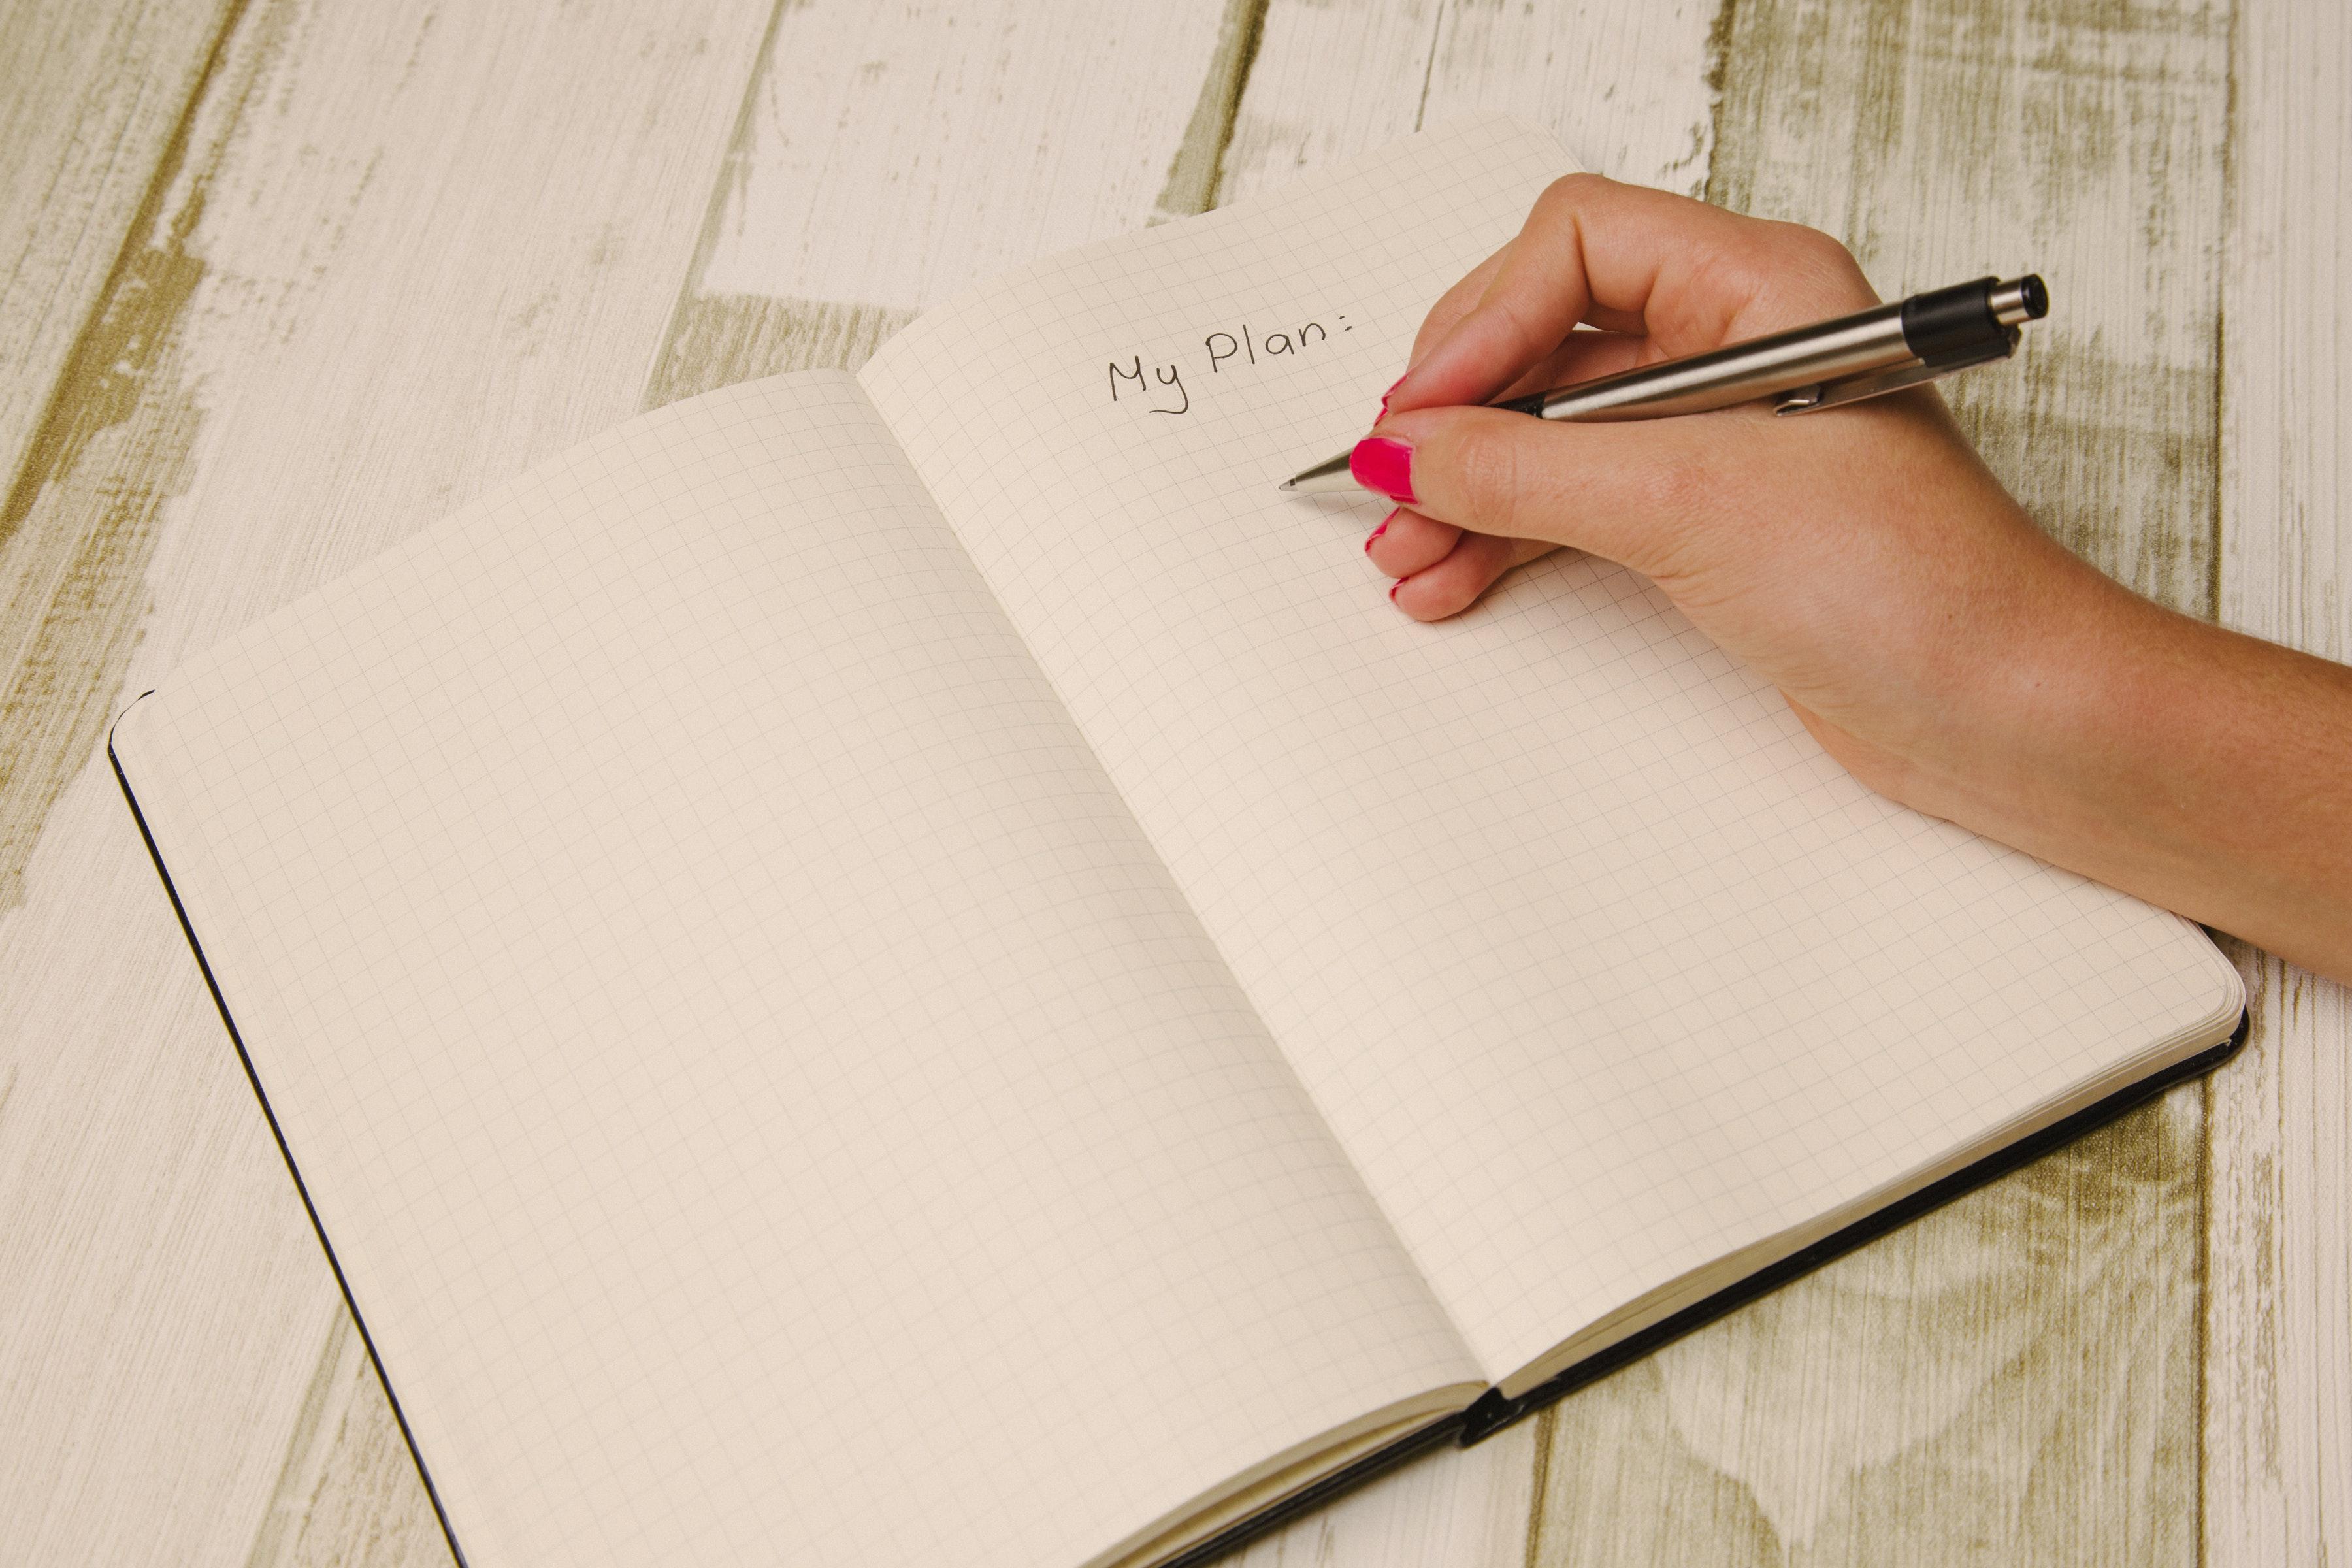 Papier und Stift mit Hand